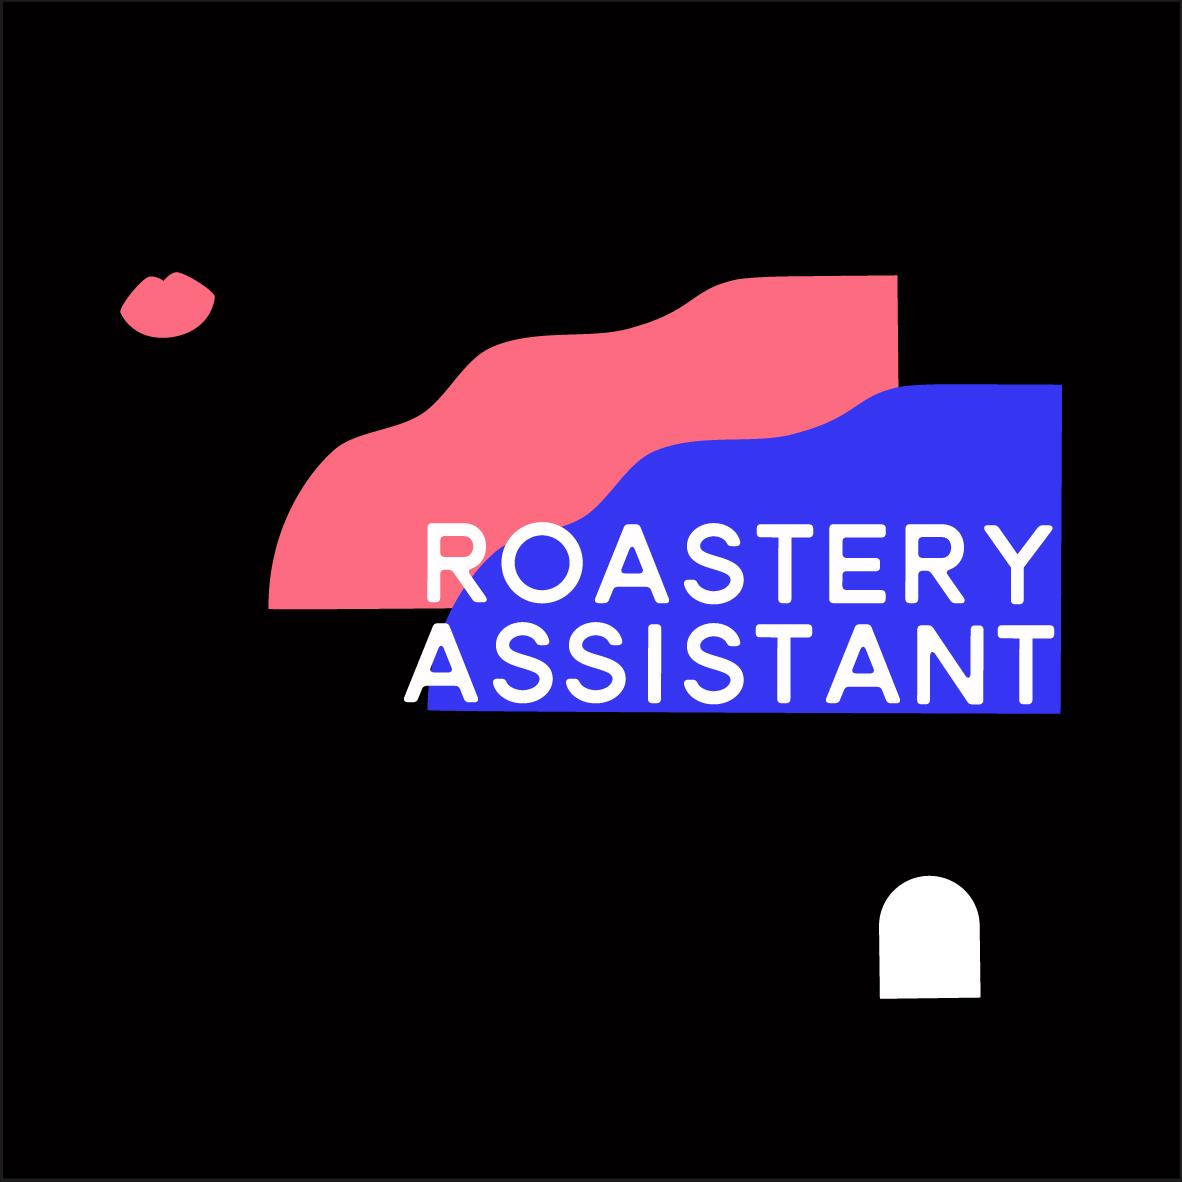 roastery ass-01.jpg